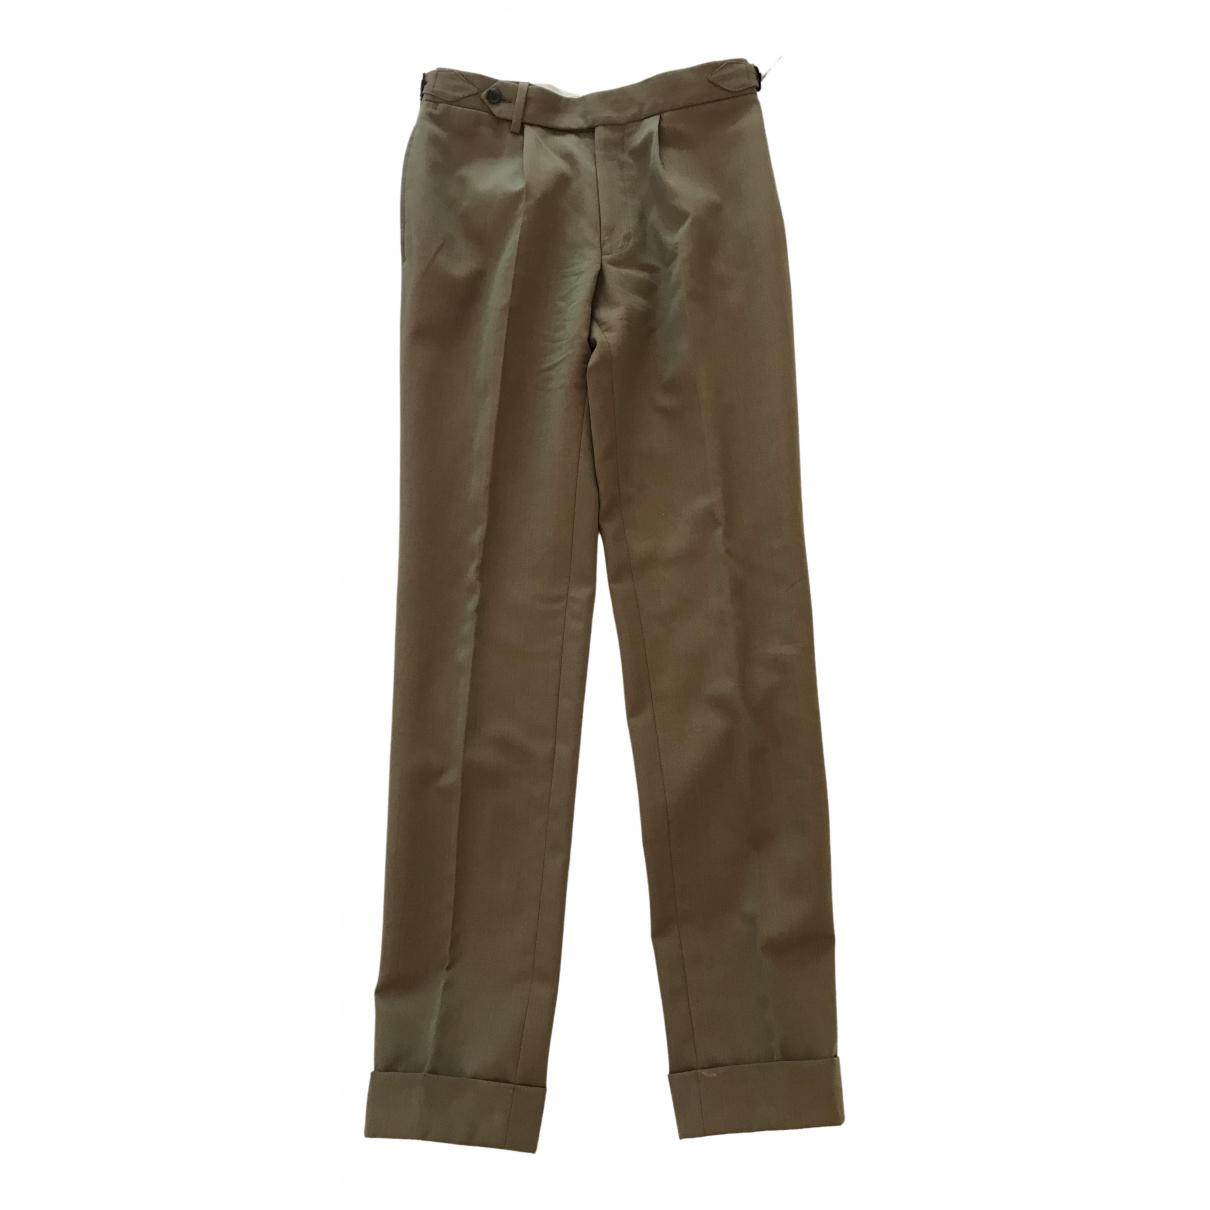 Pantalones en Algodon Beige Non Signe / Unsigned